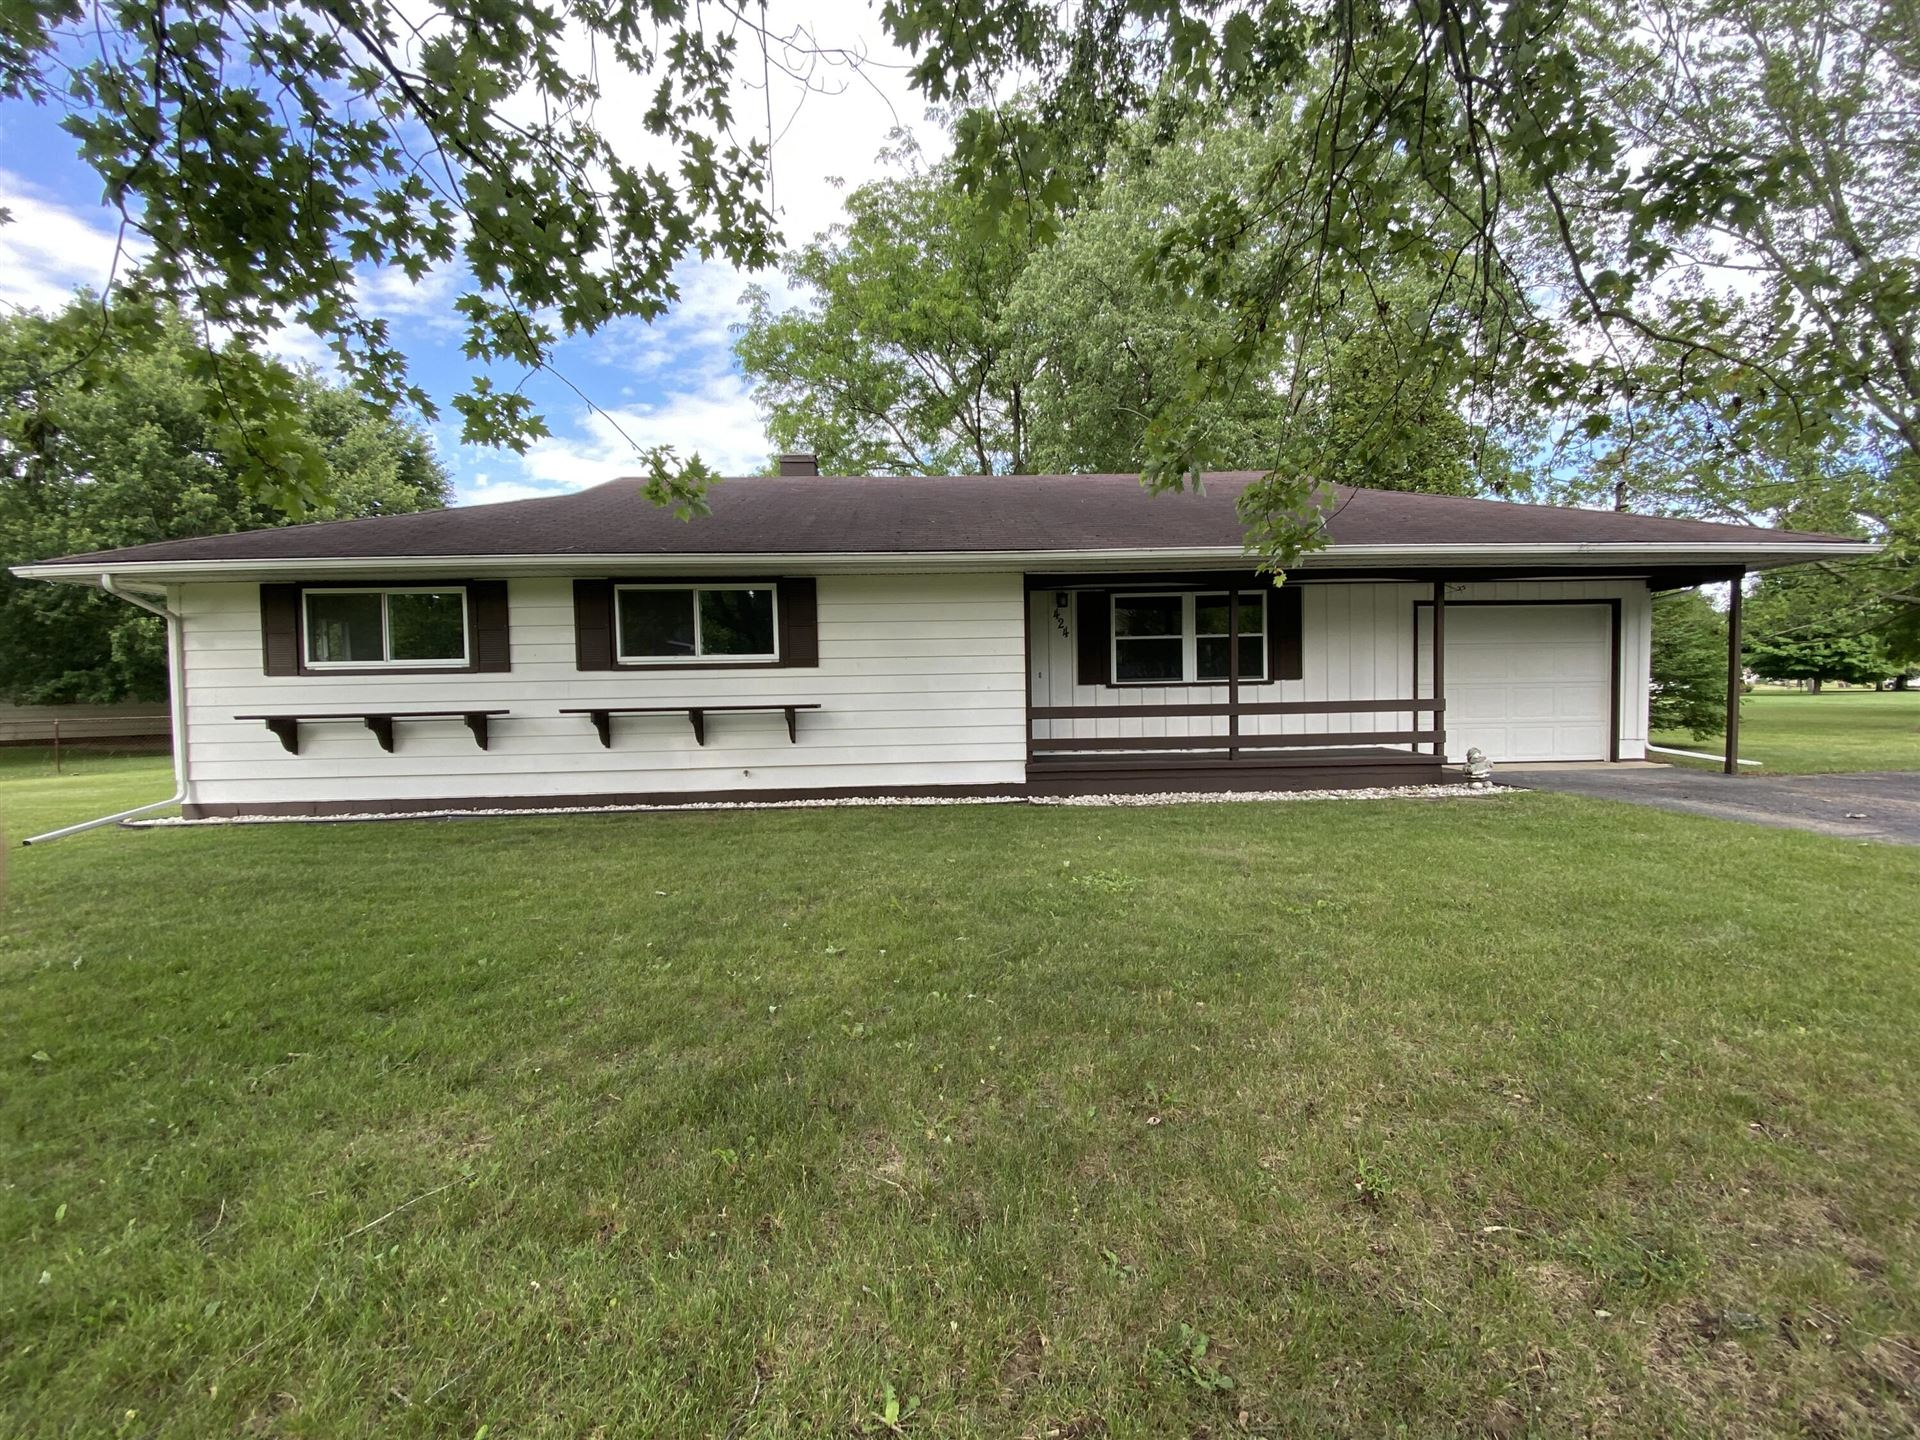 424 Pioneer Drive, Litchfield, MI 49252 - MLS#: 21024356